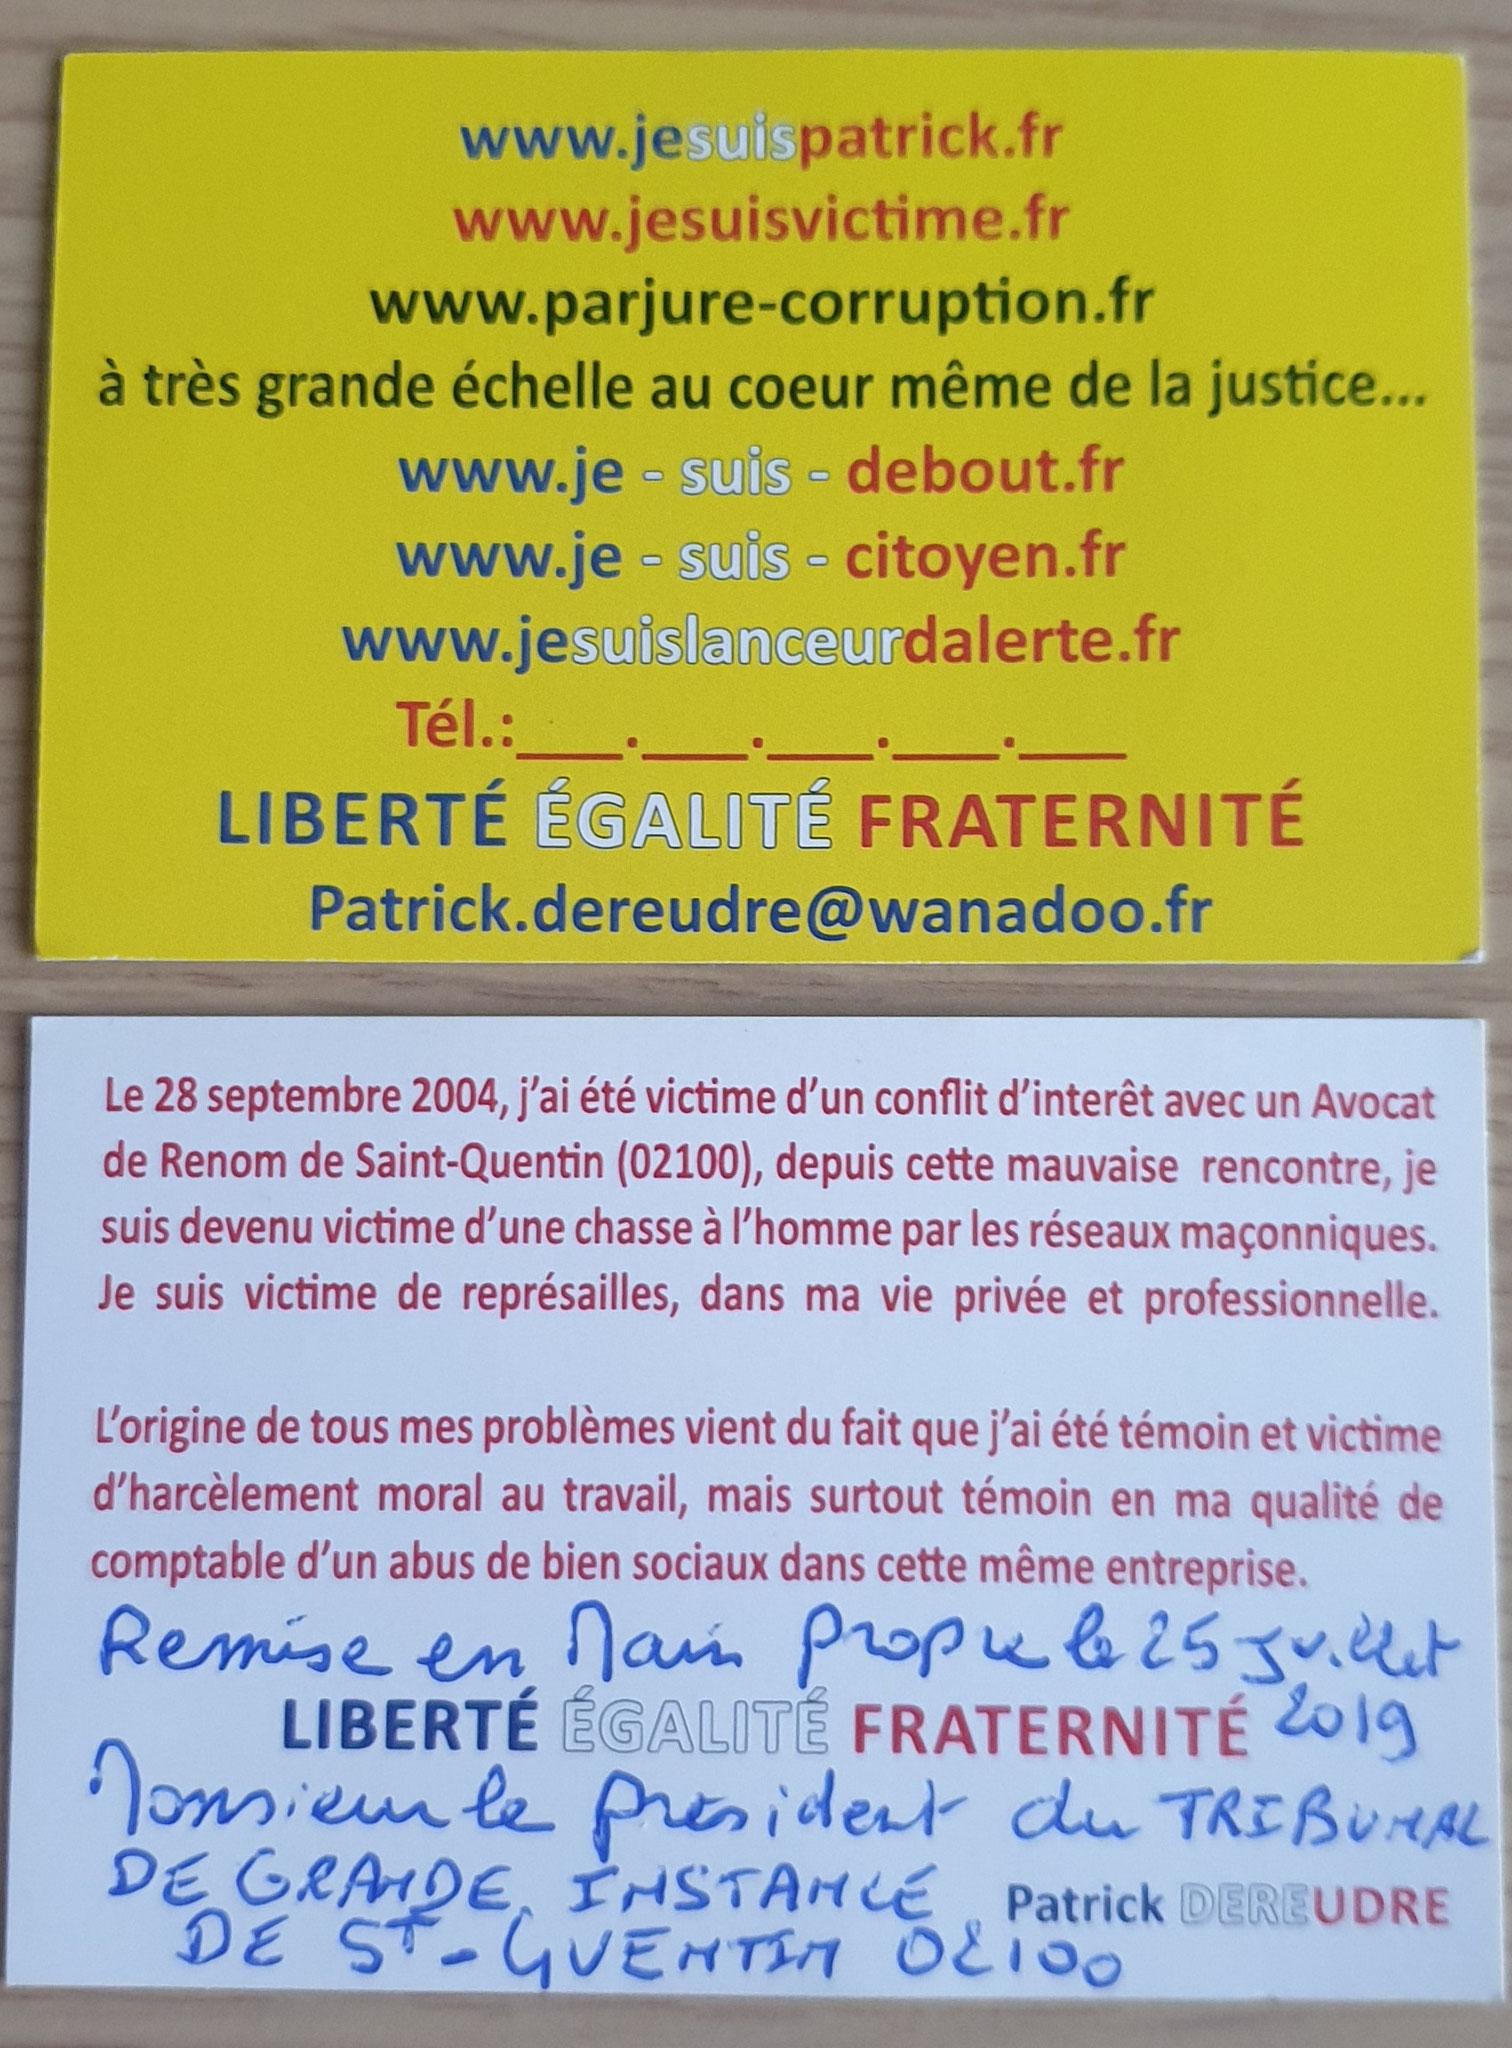 La Présidente refuse de prendre ma carte de Visite lors de l'Audience Affaire Mes Chers Voisins qui nous réclame un mur de 35000€ + Pénalités Assignation au TGI de ST-Quentin / Mon SITEwww.jesuisvictime.fr www.jesuispatrick.fr